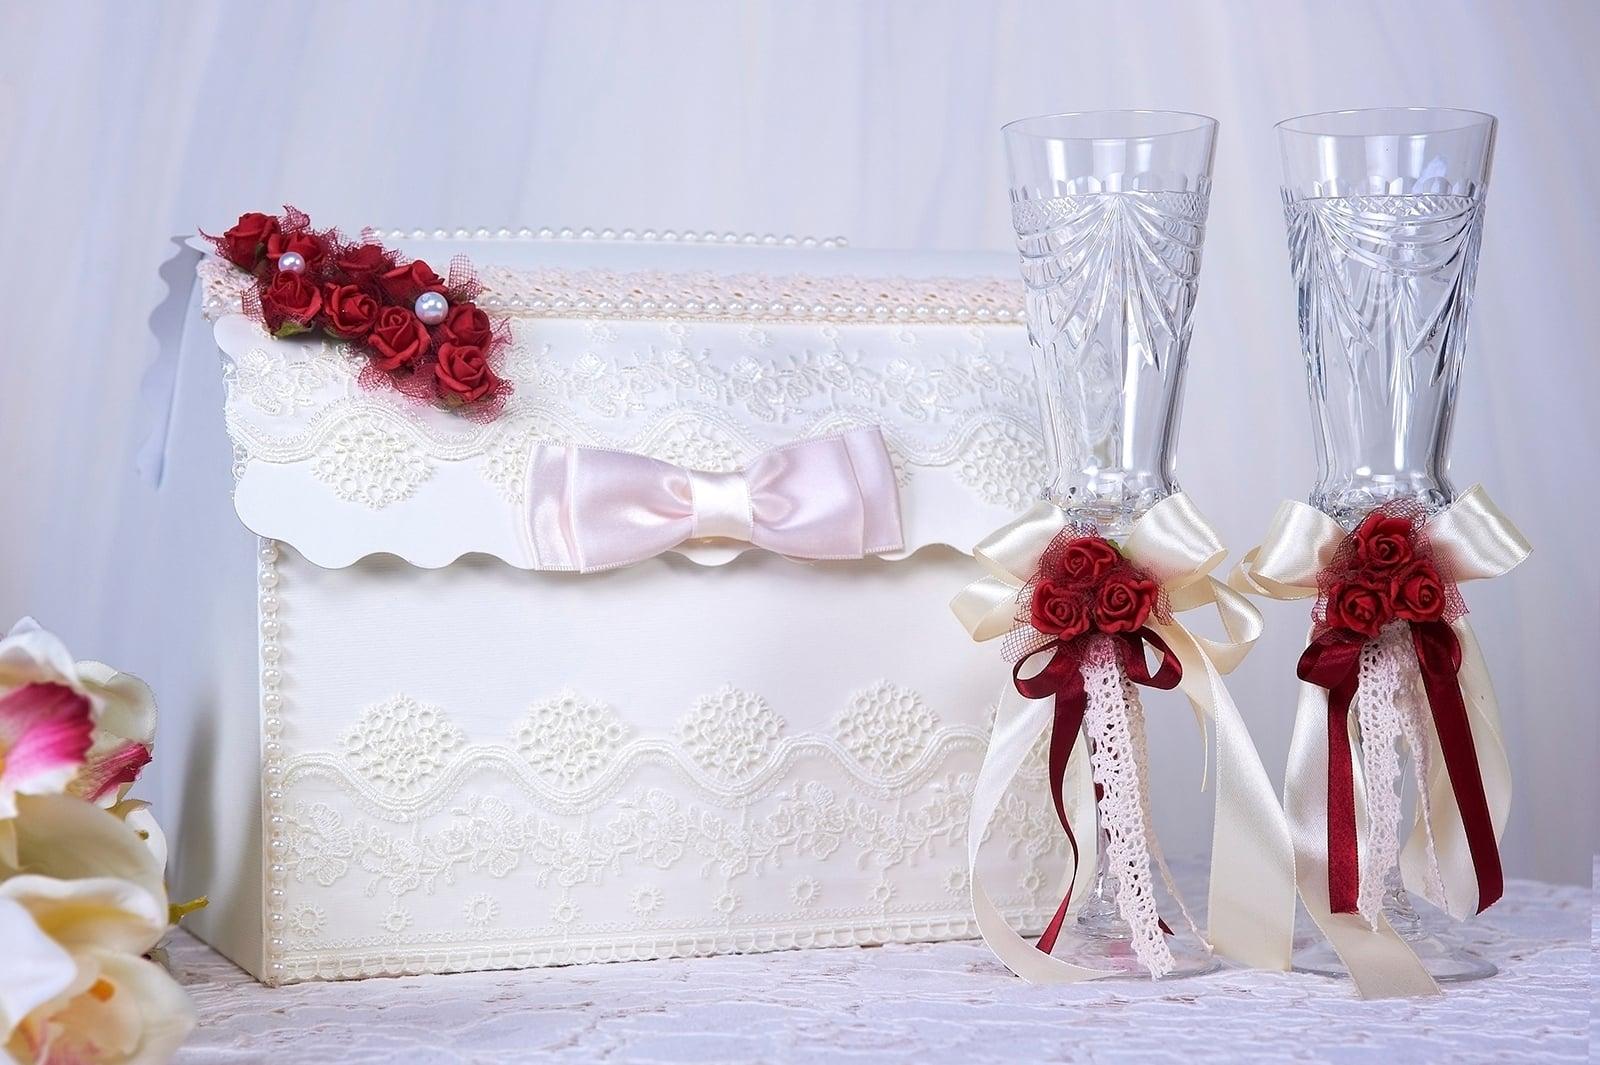 Кружевная свадебная корзинка, декорированная алыми бутонами.